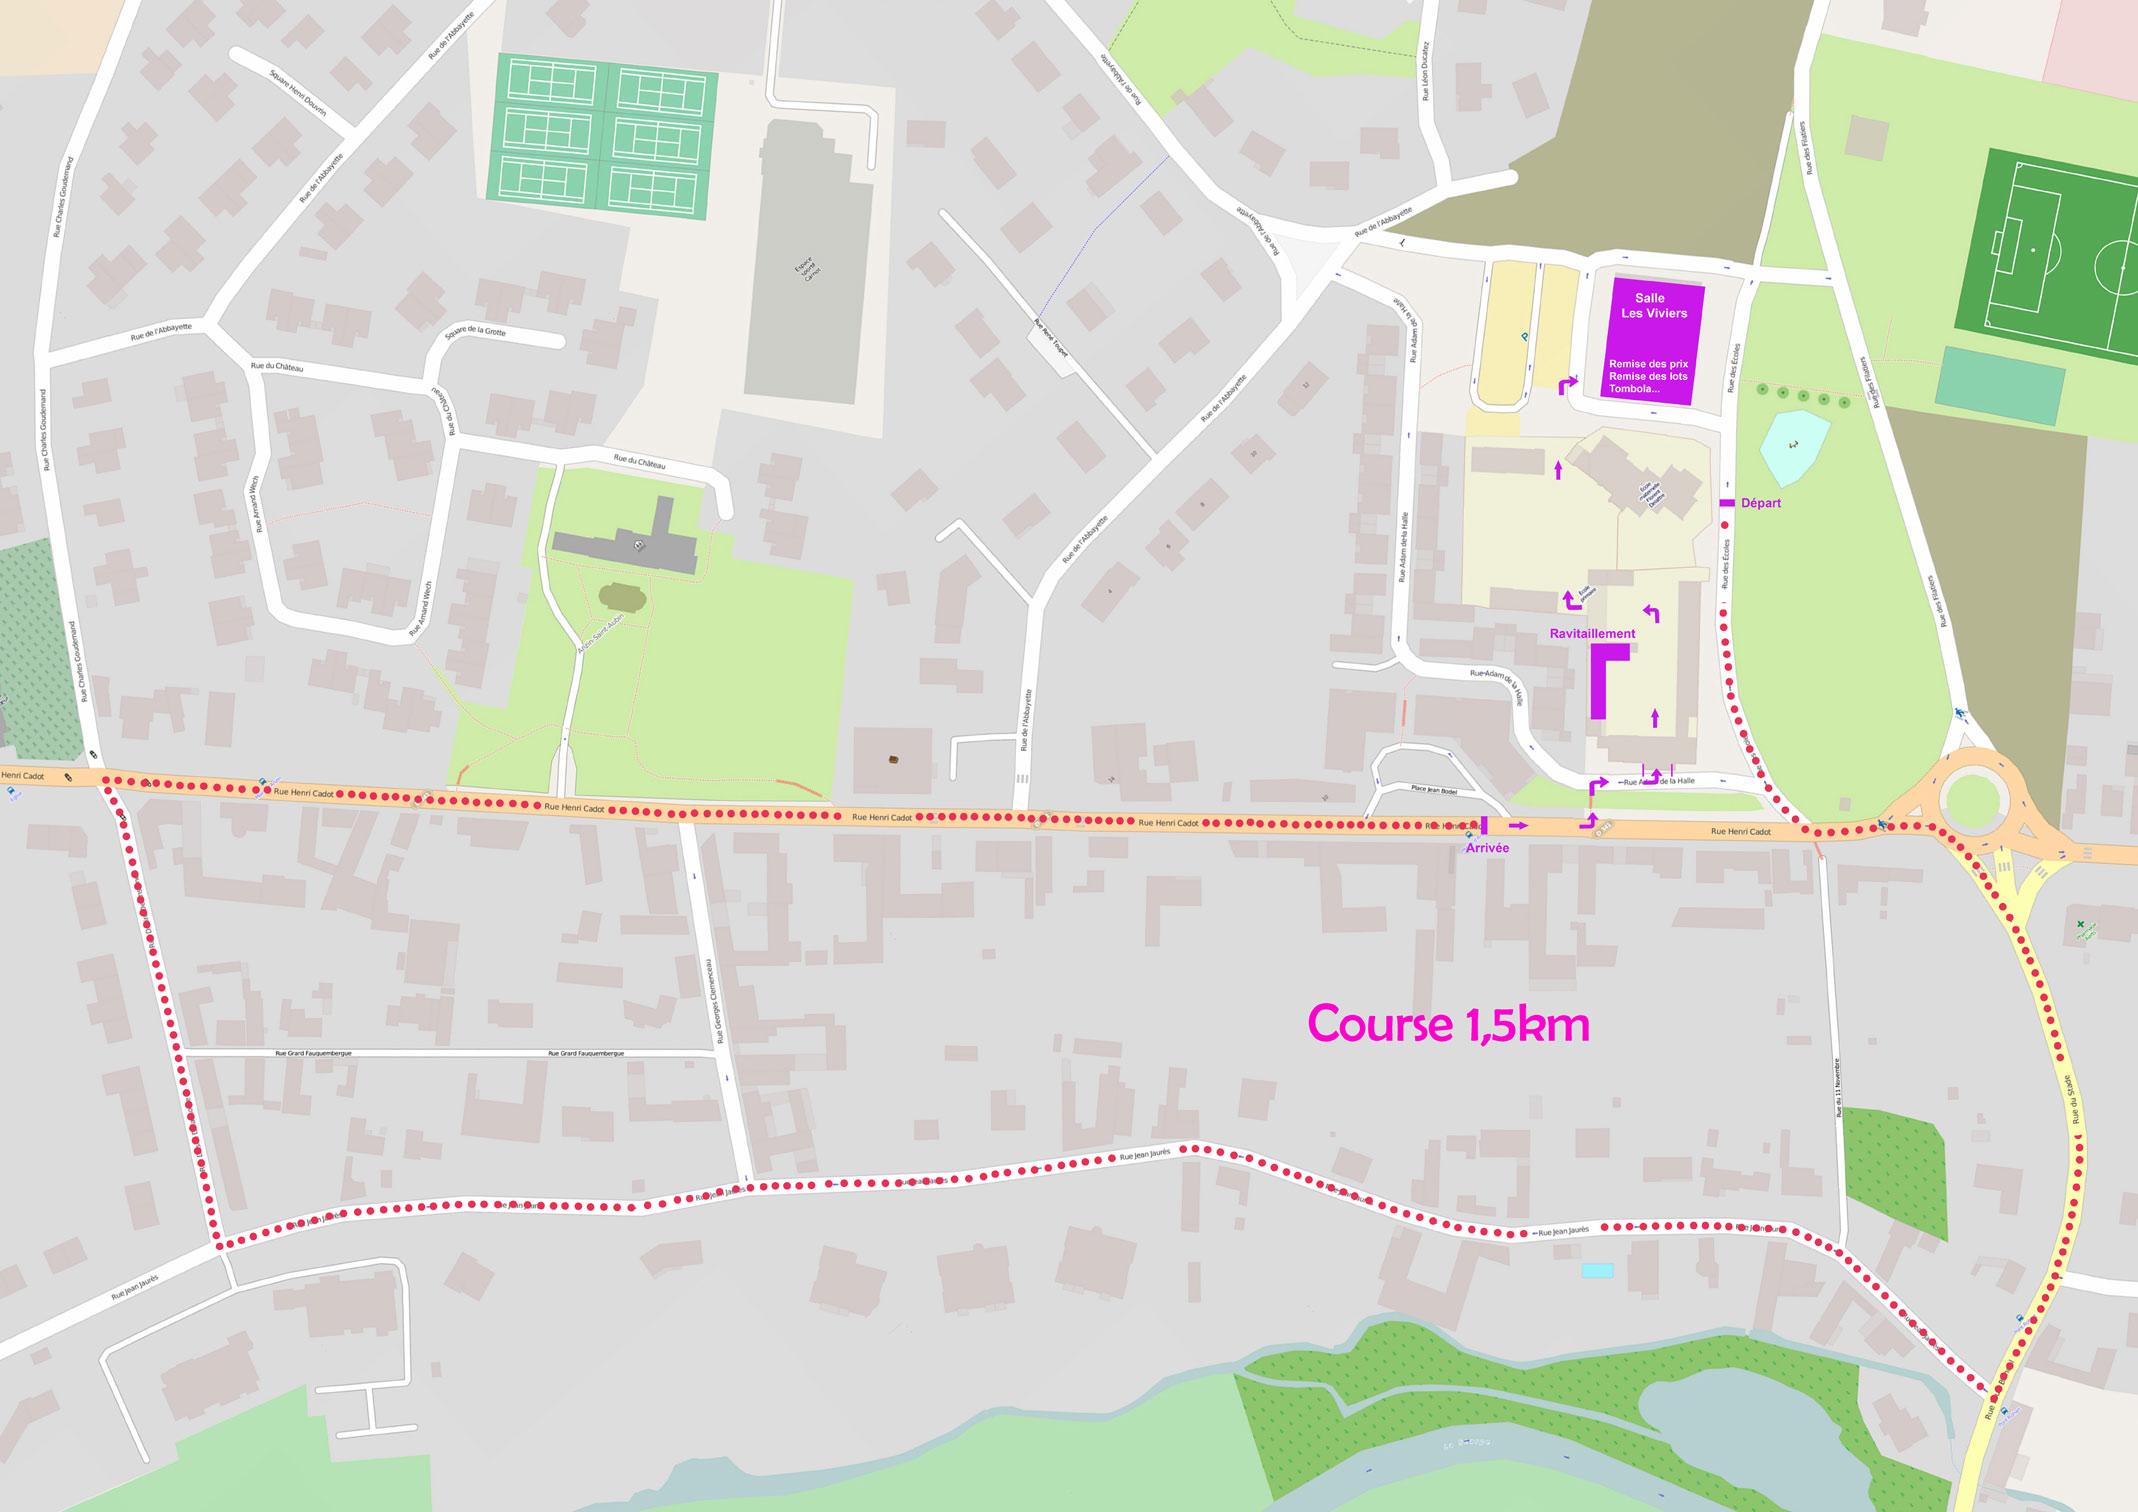 parcours-1,5km-a4-web